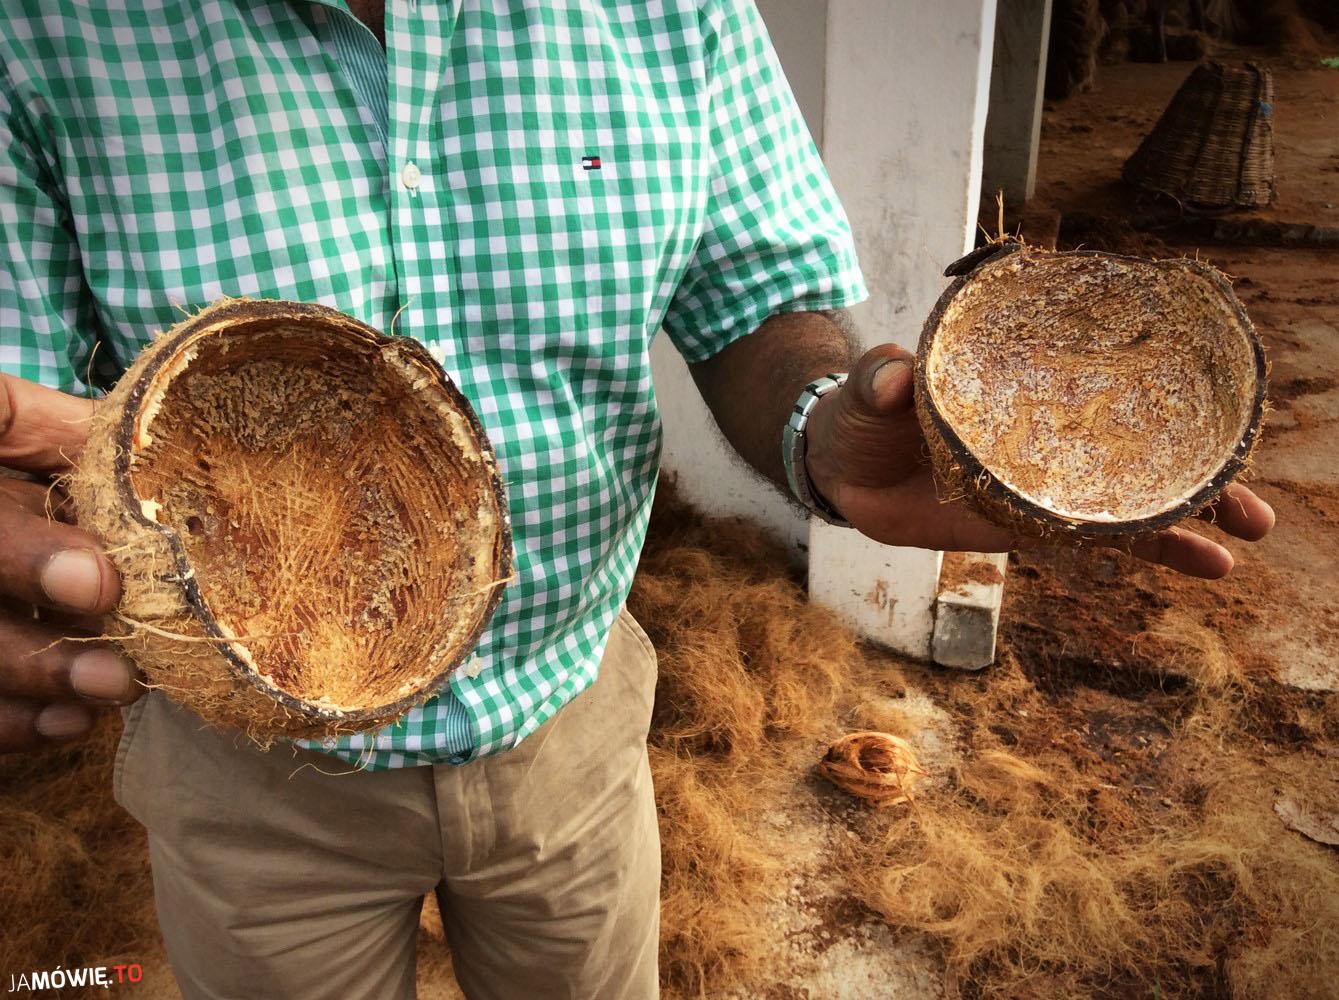 Krótka historia kokosa, czyli jak powstają wiórki kokosowe?